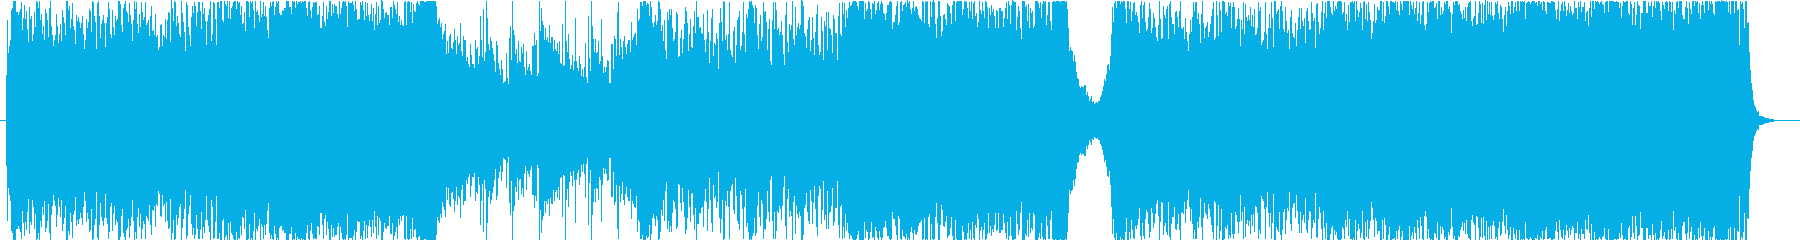 アクションRPGの戦闘曲の再生済みの波形